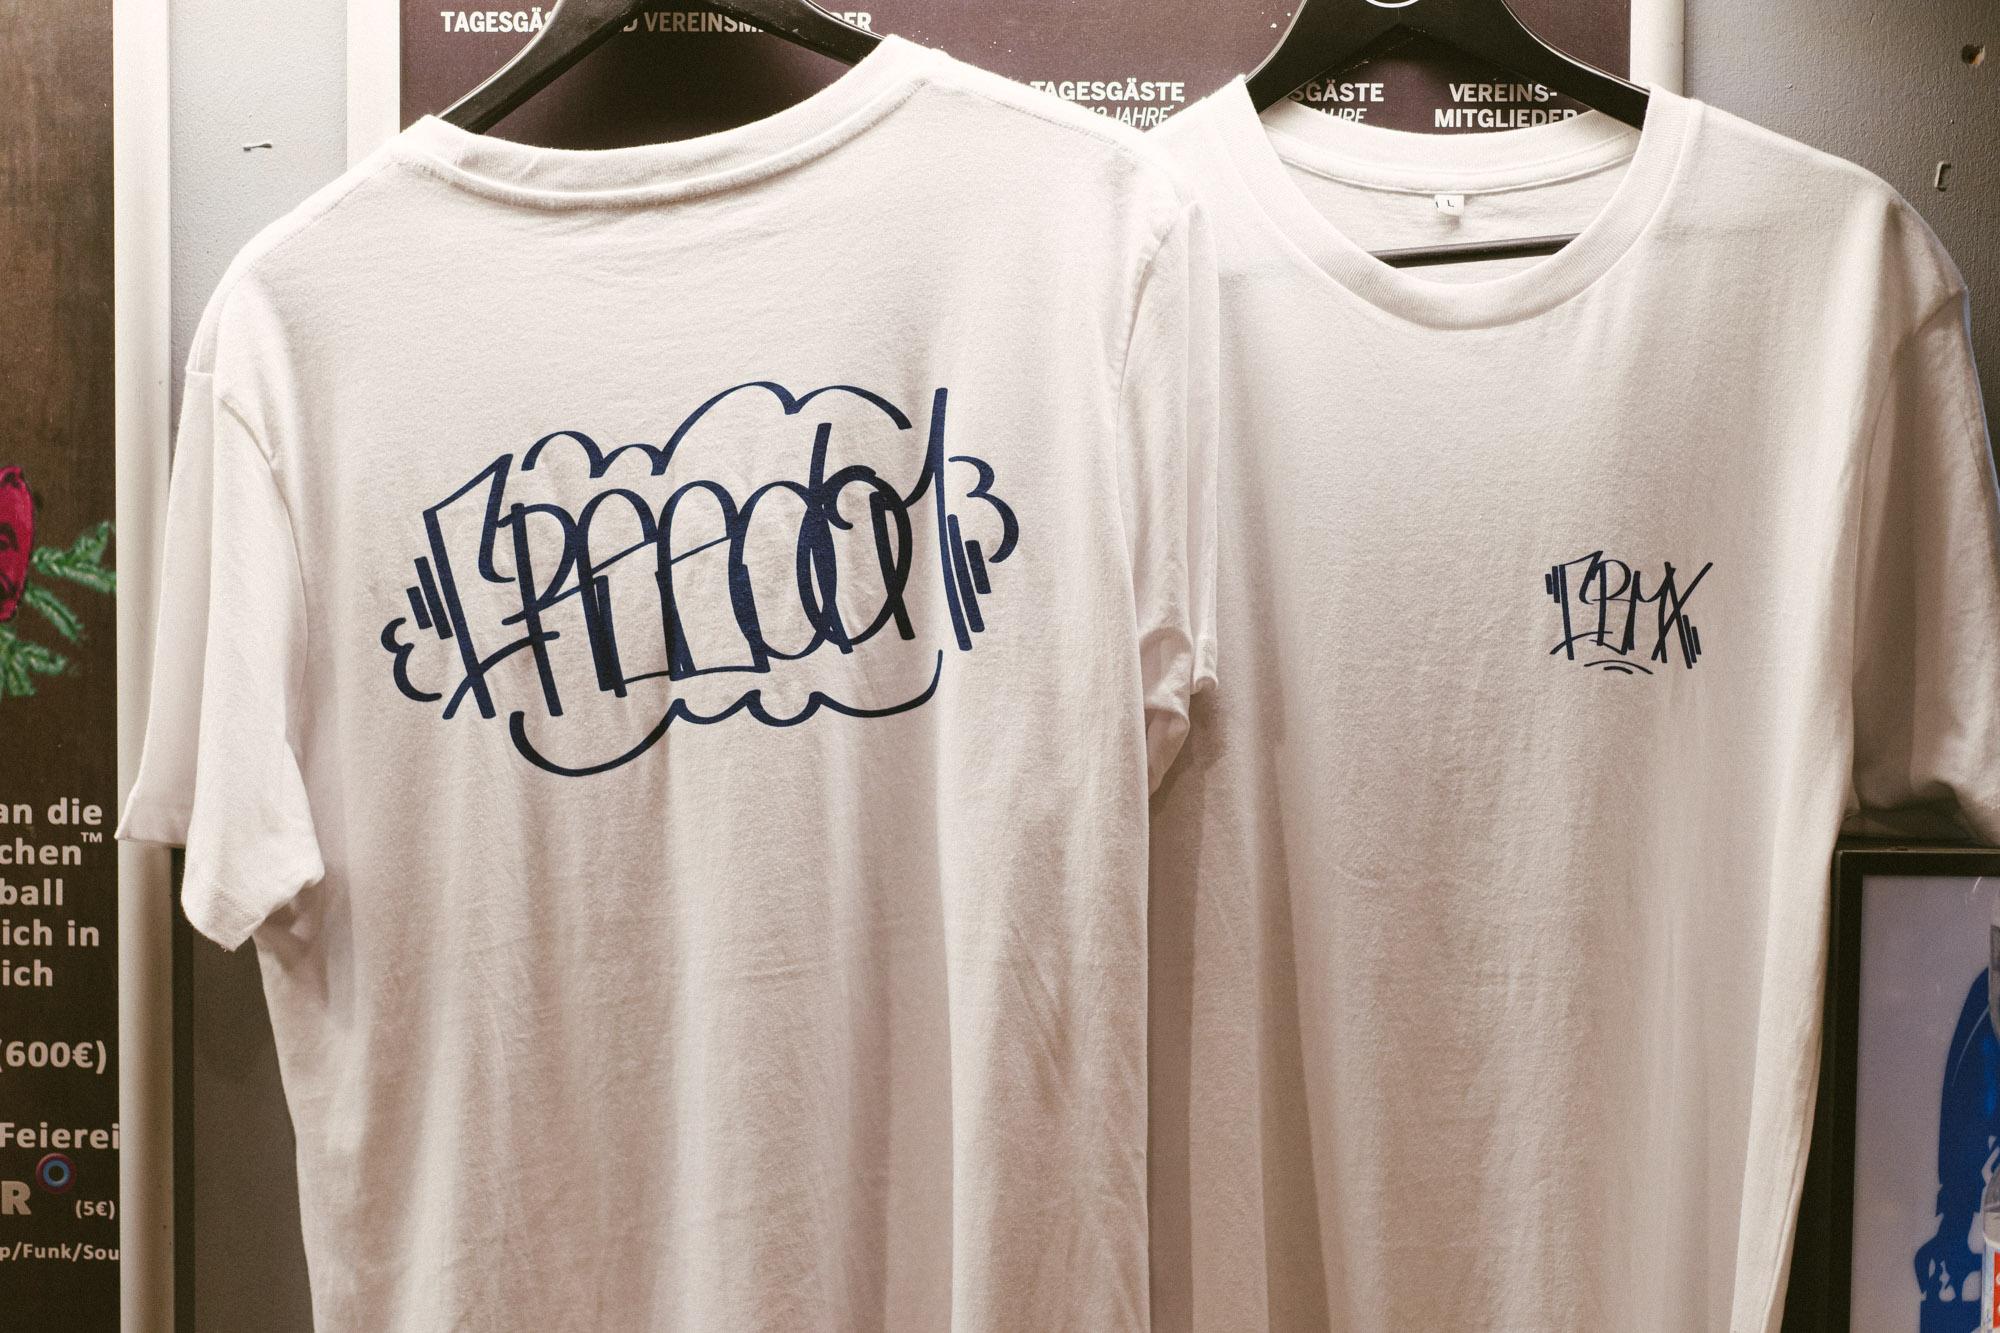 Extra für den Adventsjam und die freedombmx Awards hatte unser Mitarbeiter des Monats aka Merlin Czarnulla diese feschen Shirts designt. Ein paar sind noch übrig, die es in Kürze beim kunstform BMX Shop geben wird